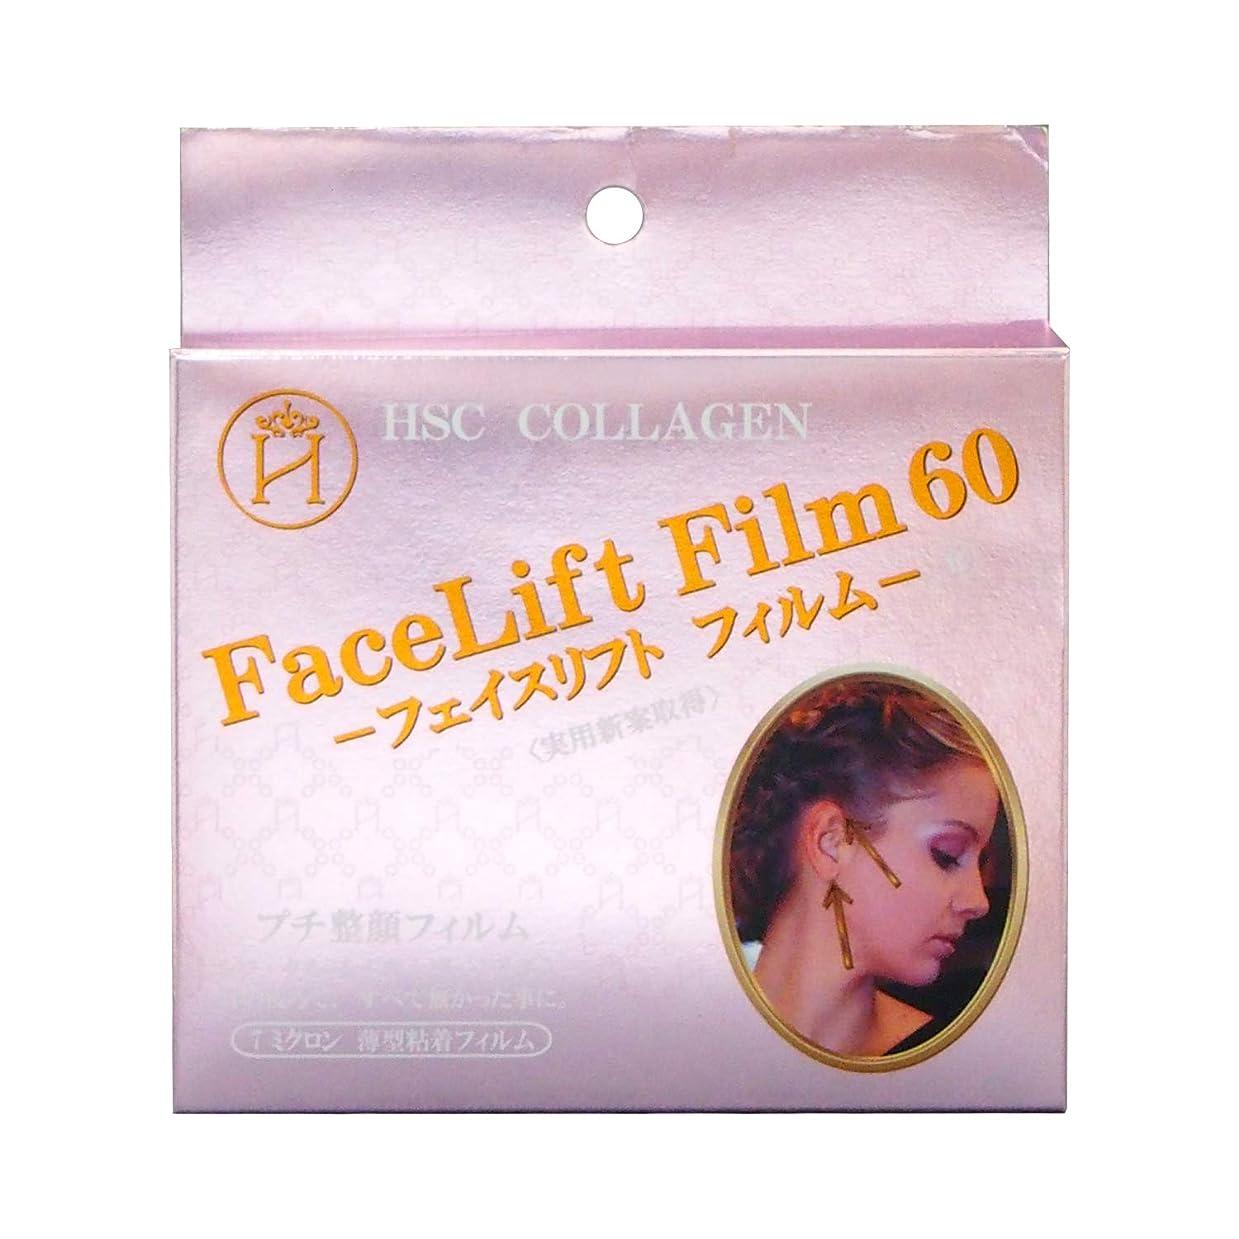 愛情空港シャットフェイスリフトフィルム60 たるみ テープ 引き上げ 透明 目立たない フェイスライン